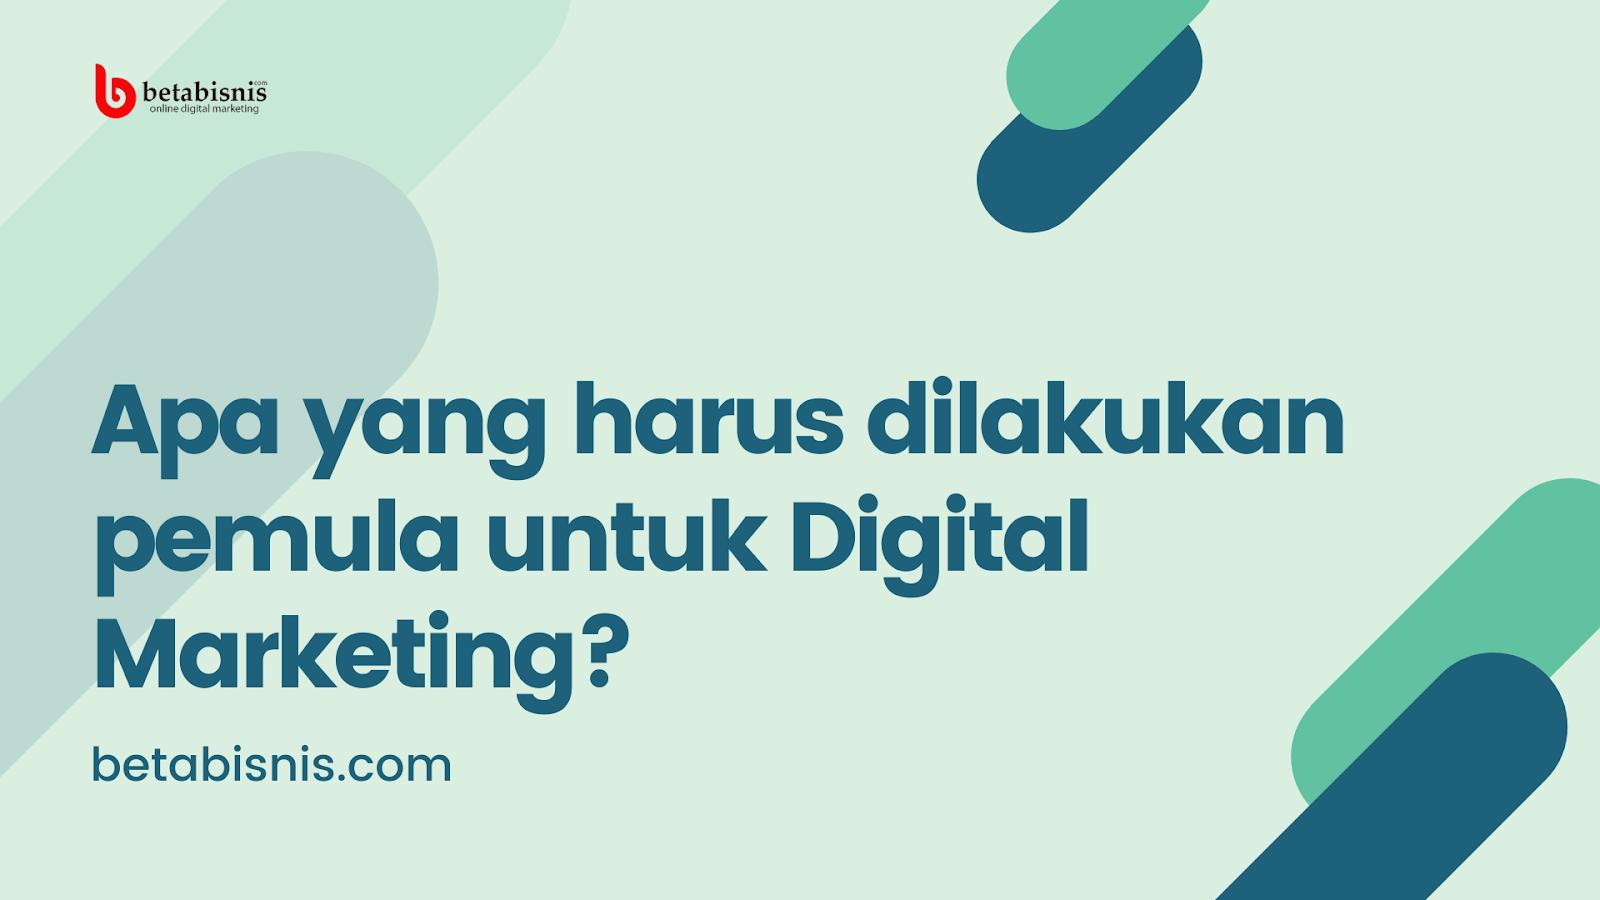 Digital Marketing Pemula di Pekanbaru